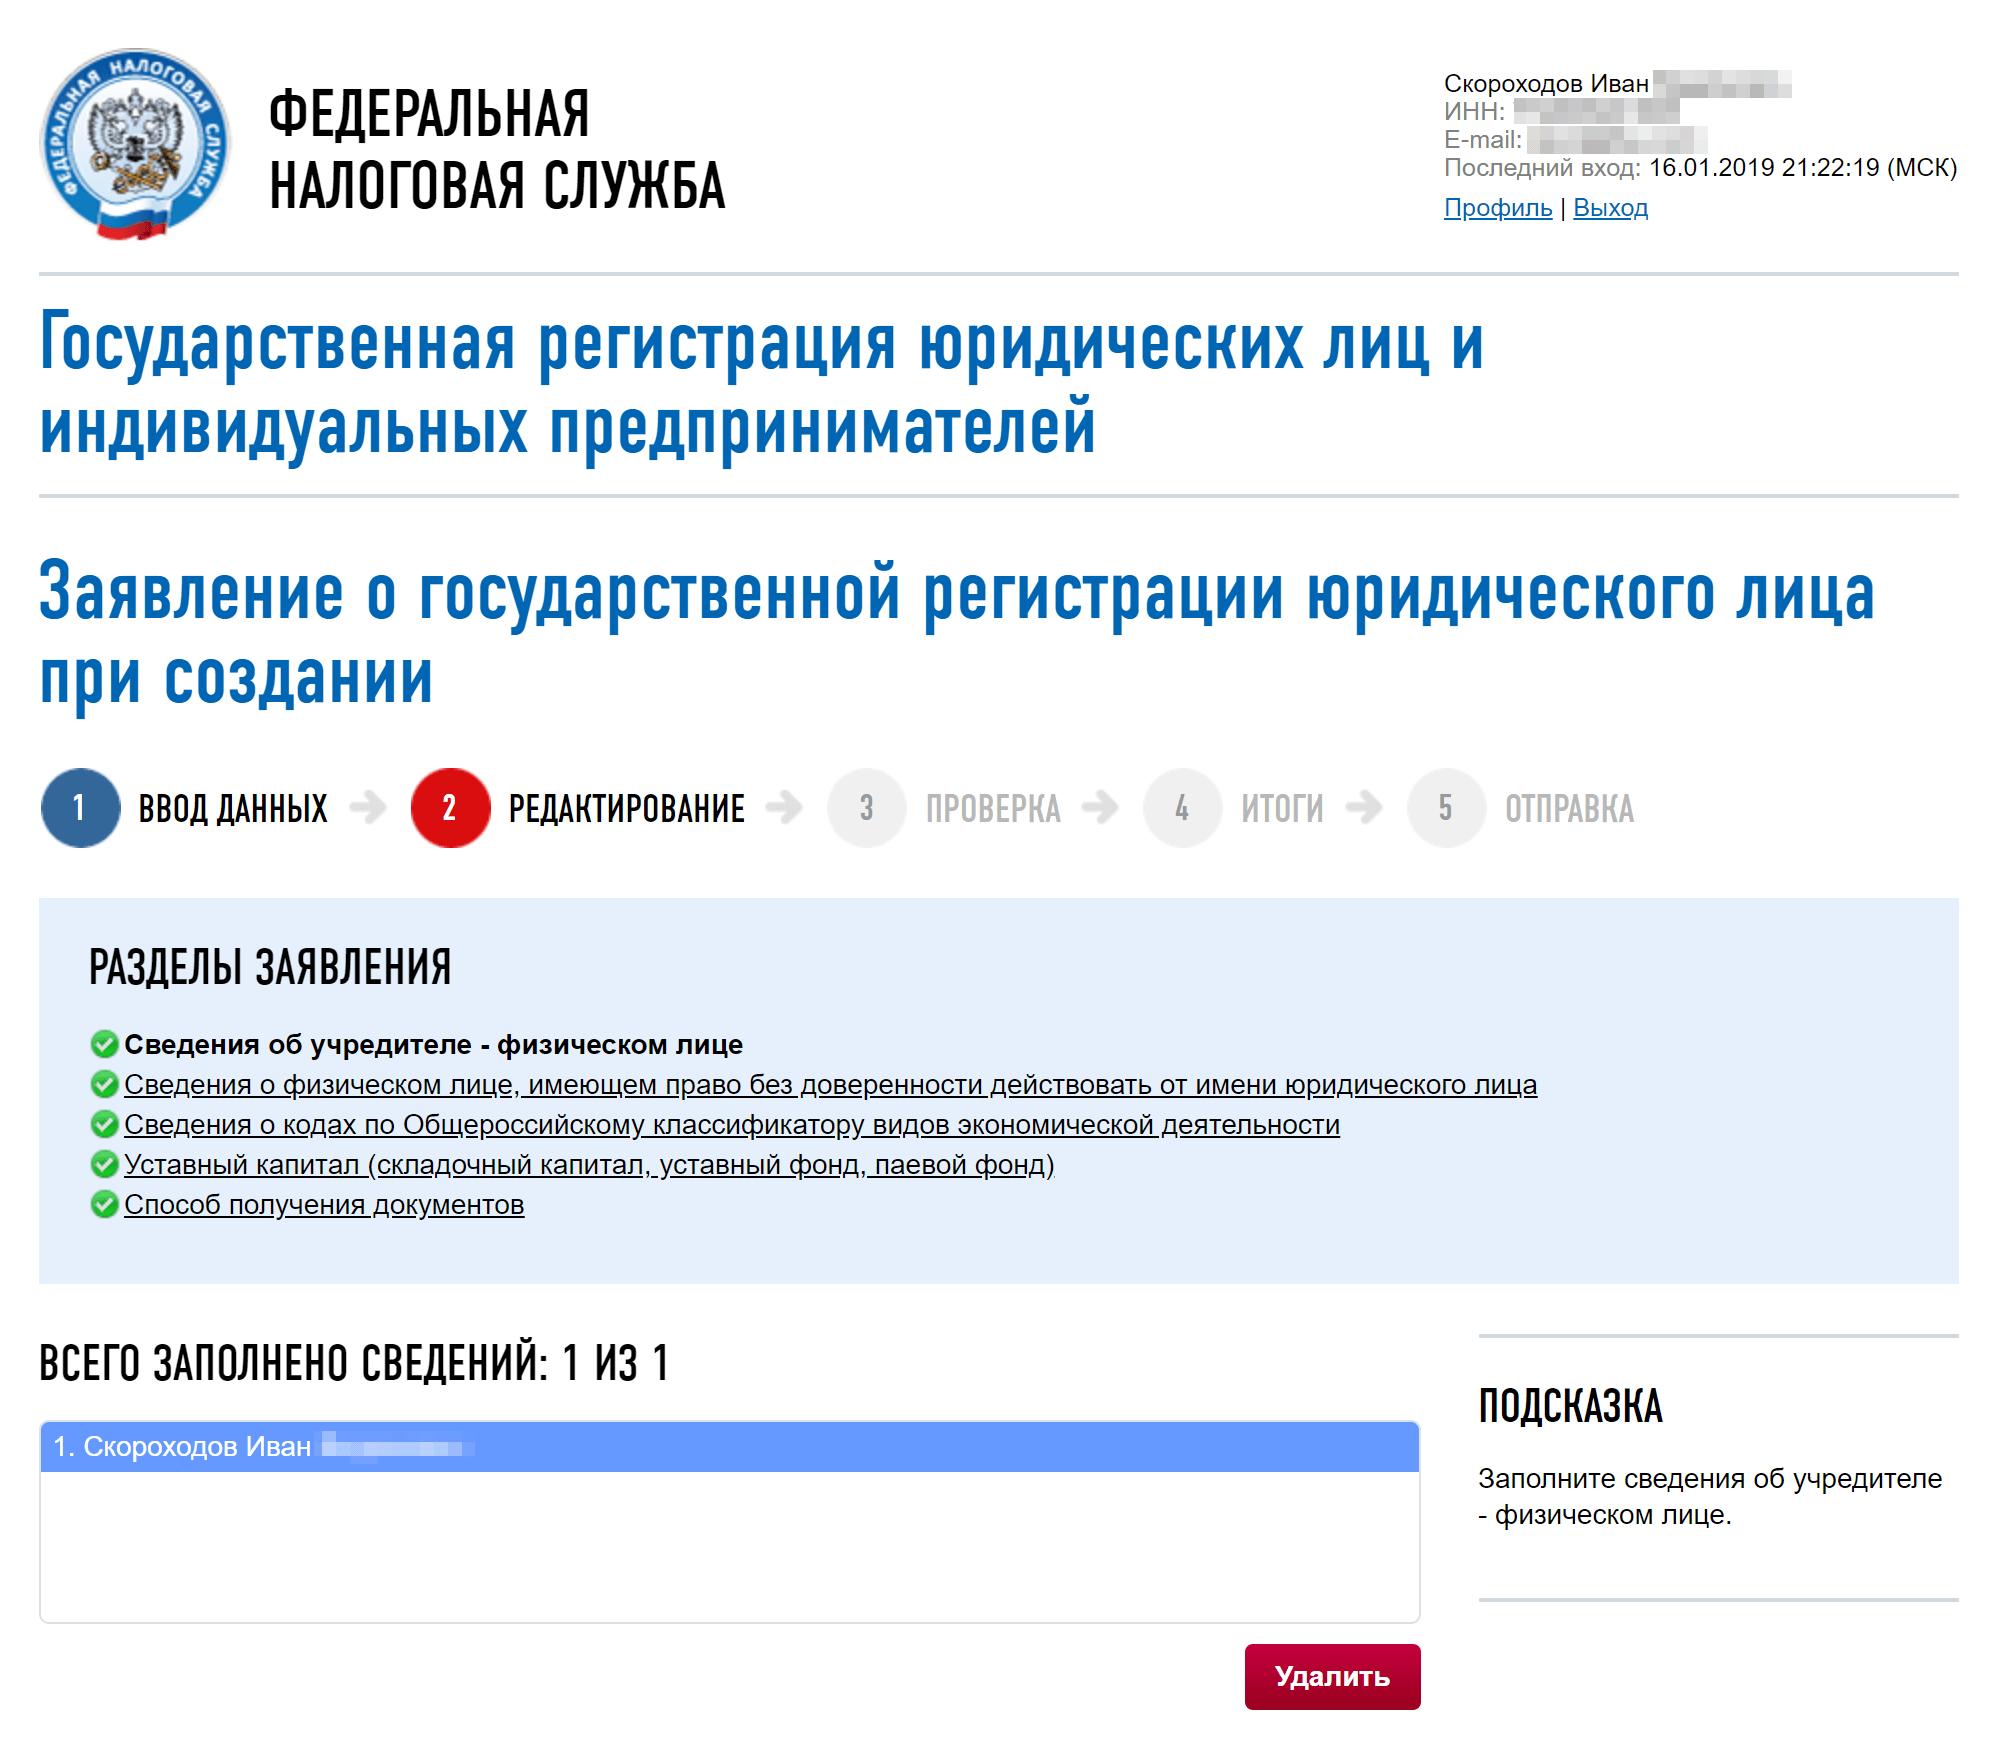 Анкета на сайте ФНС